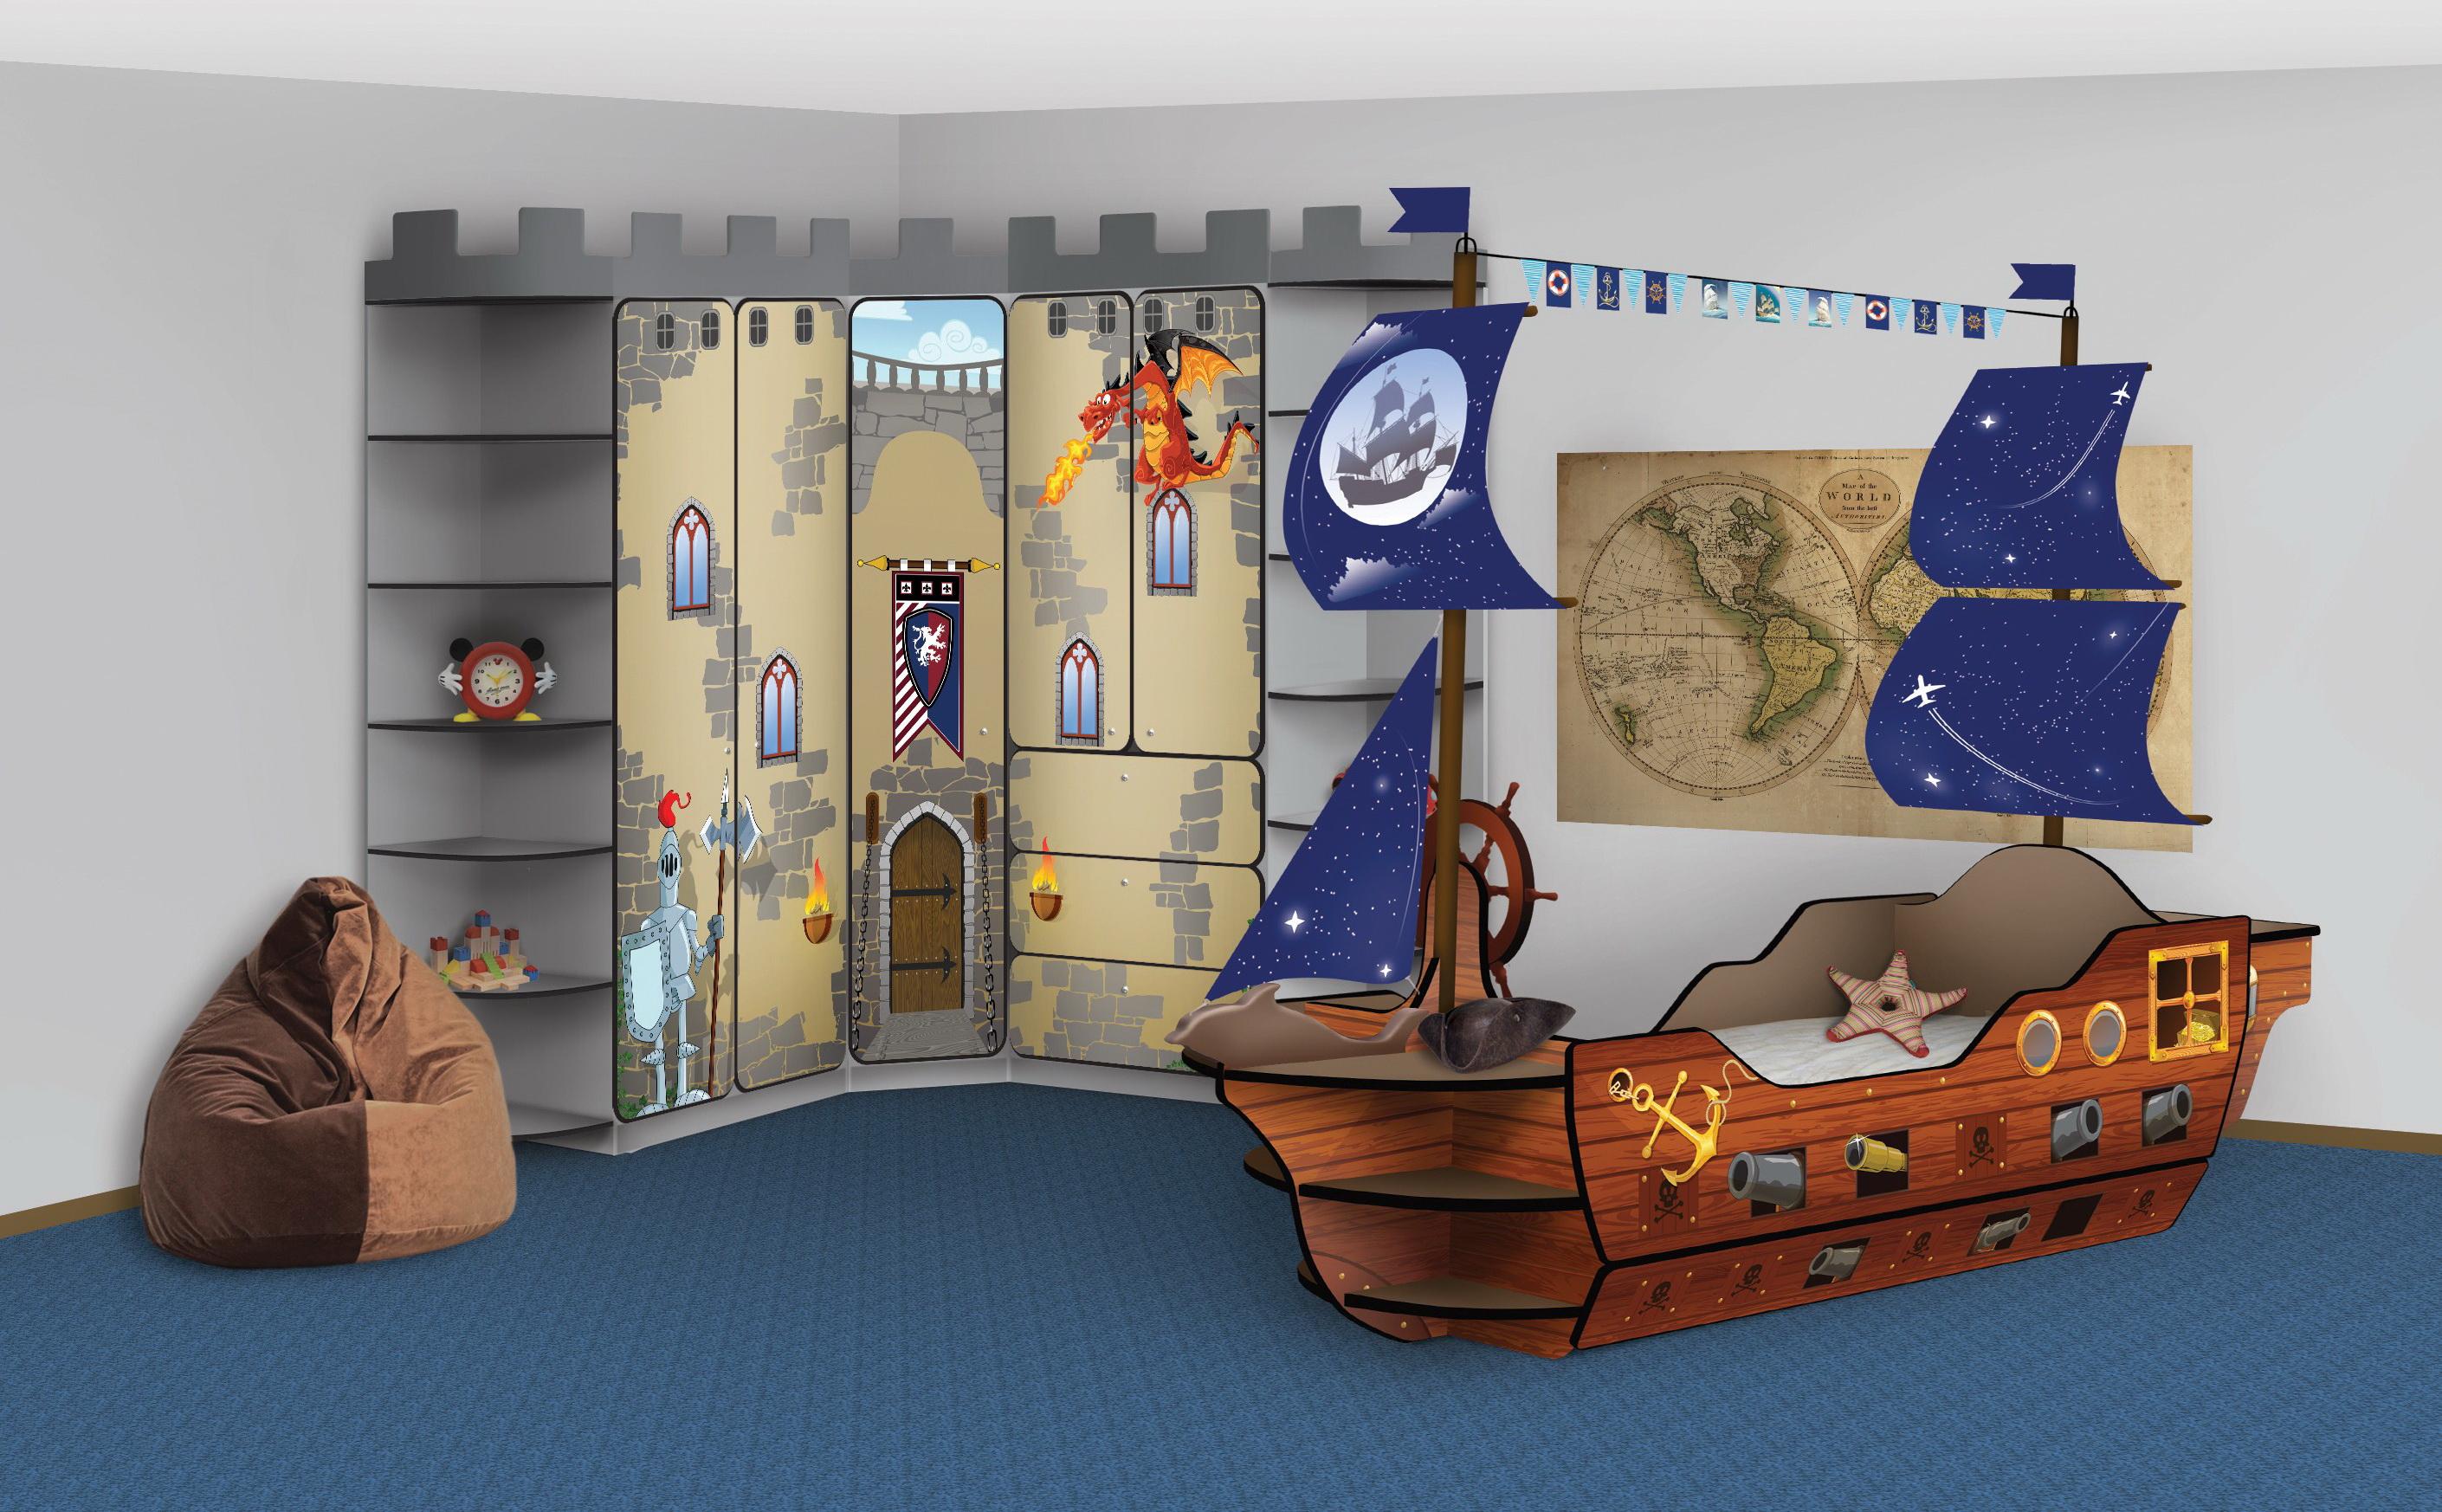 Сбор заказов. Все для уютной детской. Креативная детская мебель эконом и премиум класса. Мягкая и корпусная мебель. Шкафы от 5200, кровати от 3200. От 0 и до 16- ти. Аксессуары - 19.